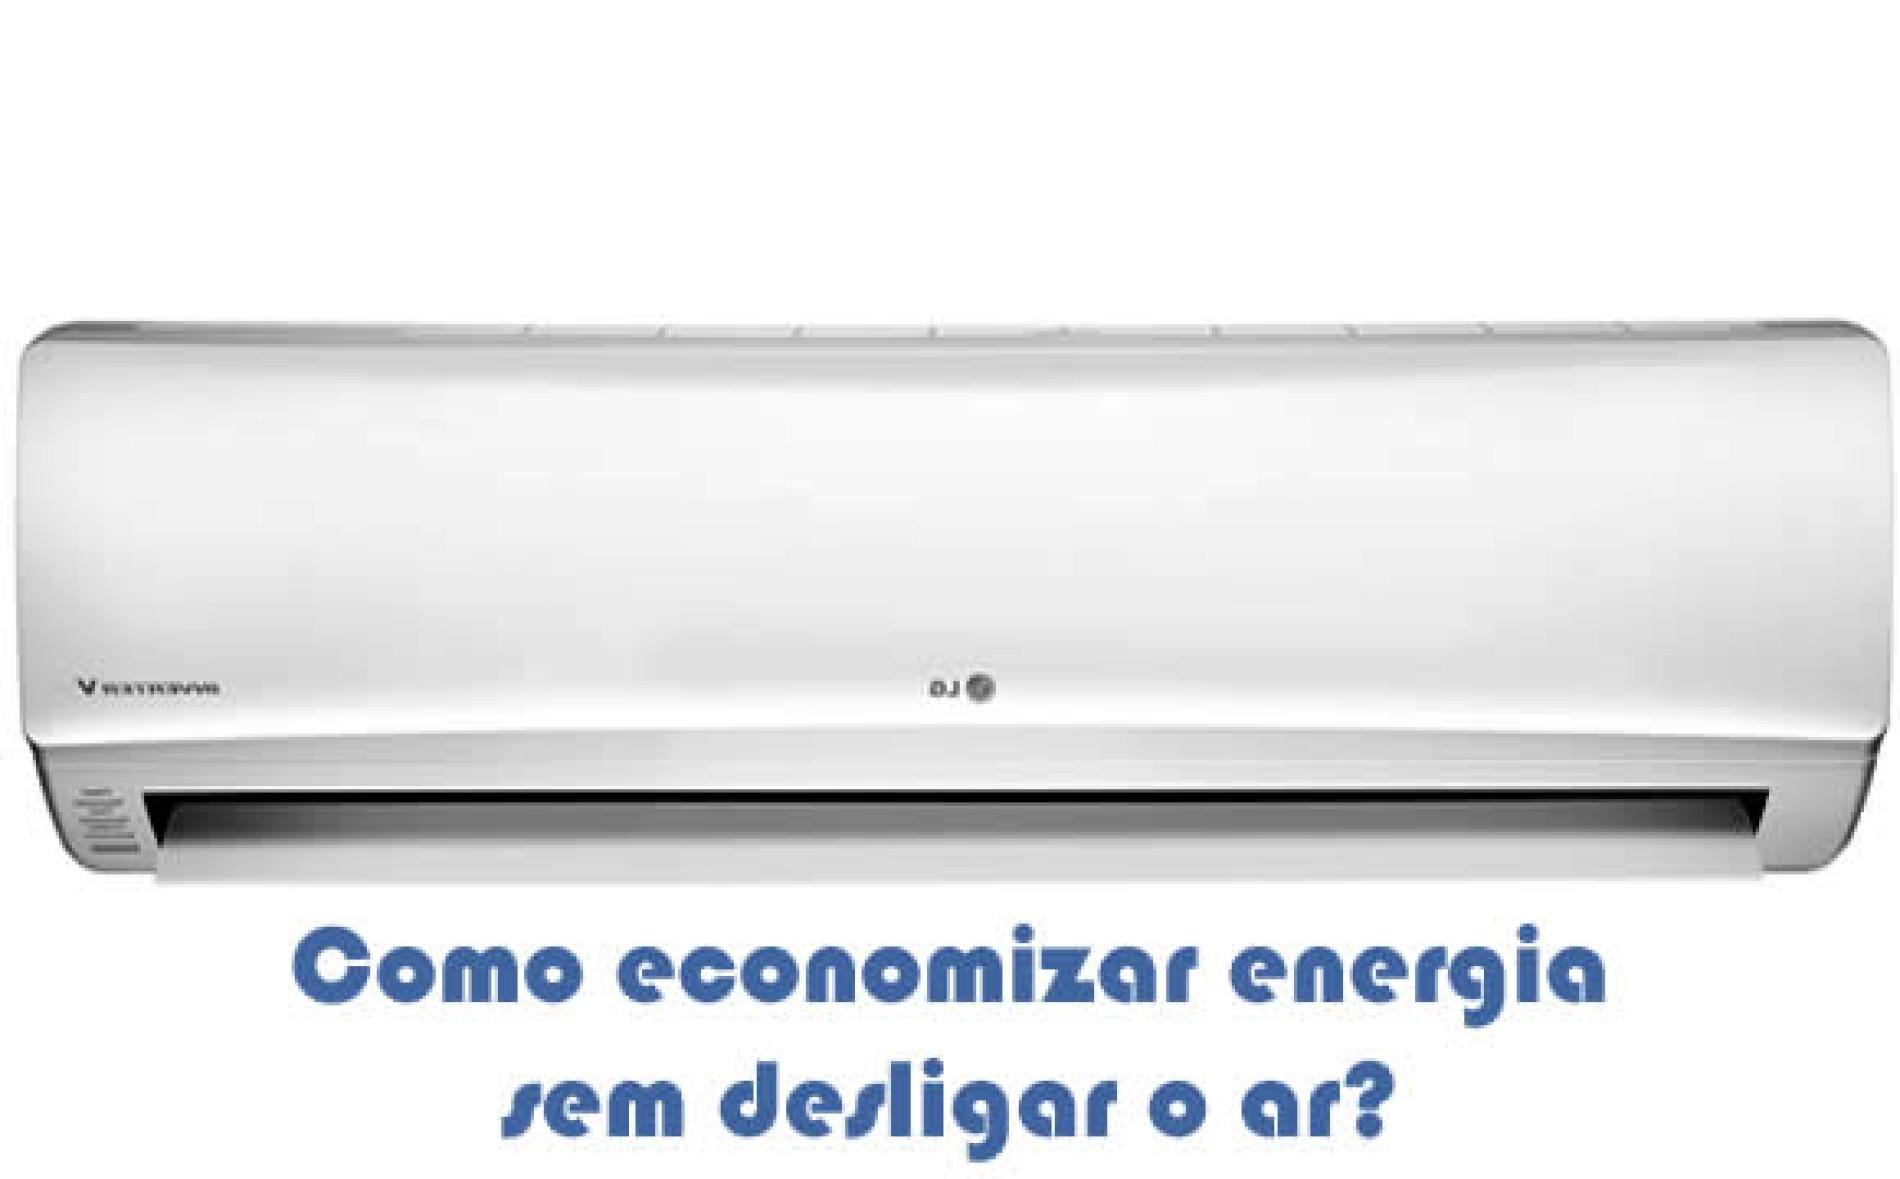 Como economizar energia usando o ar condicionado